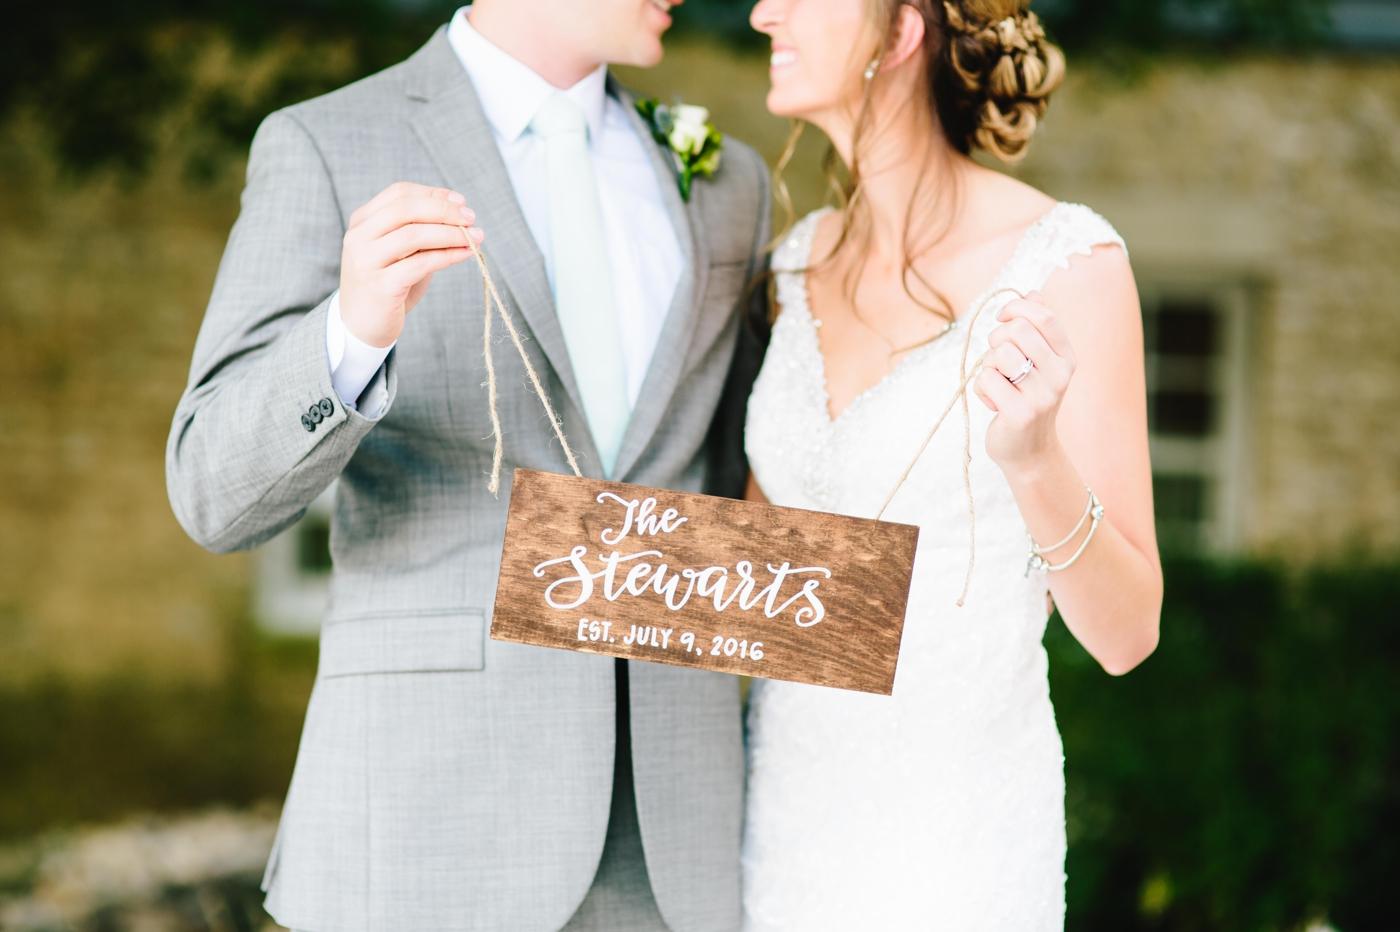 chicago-fine-art-wedding-photography-stewart13